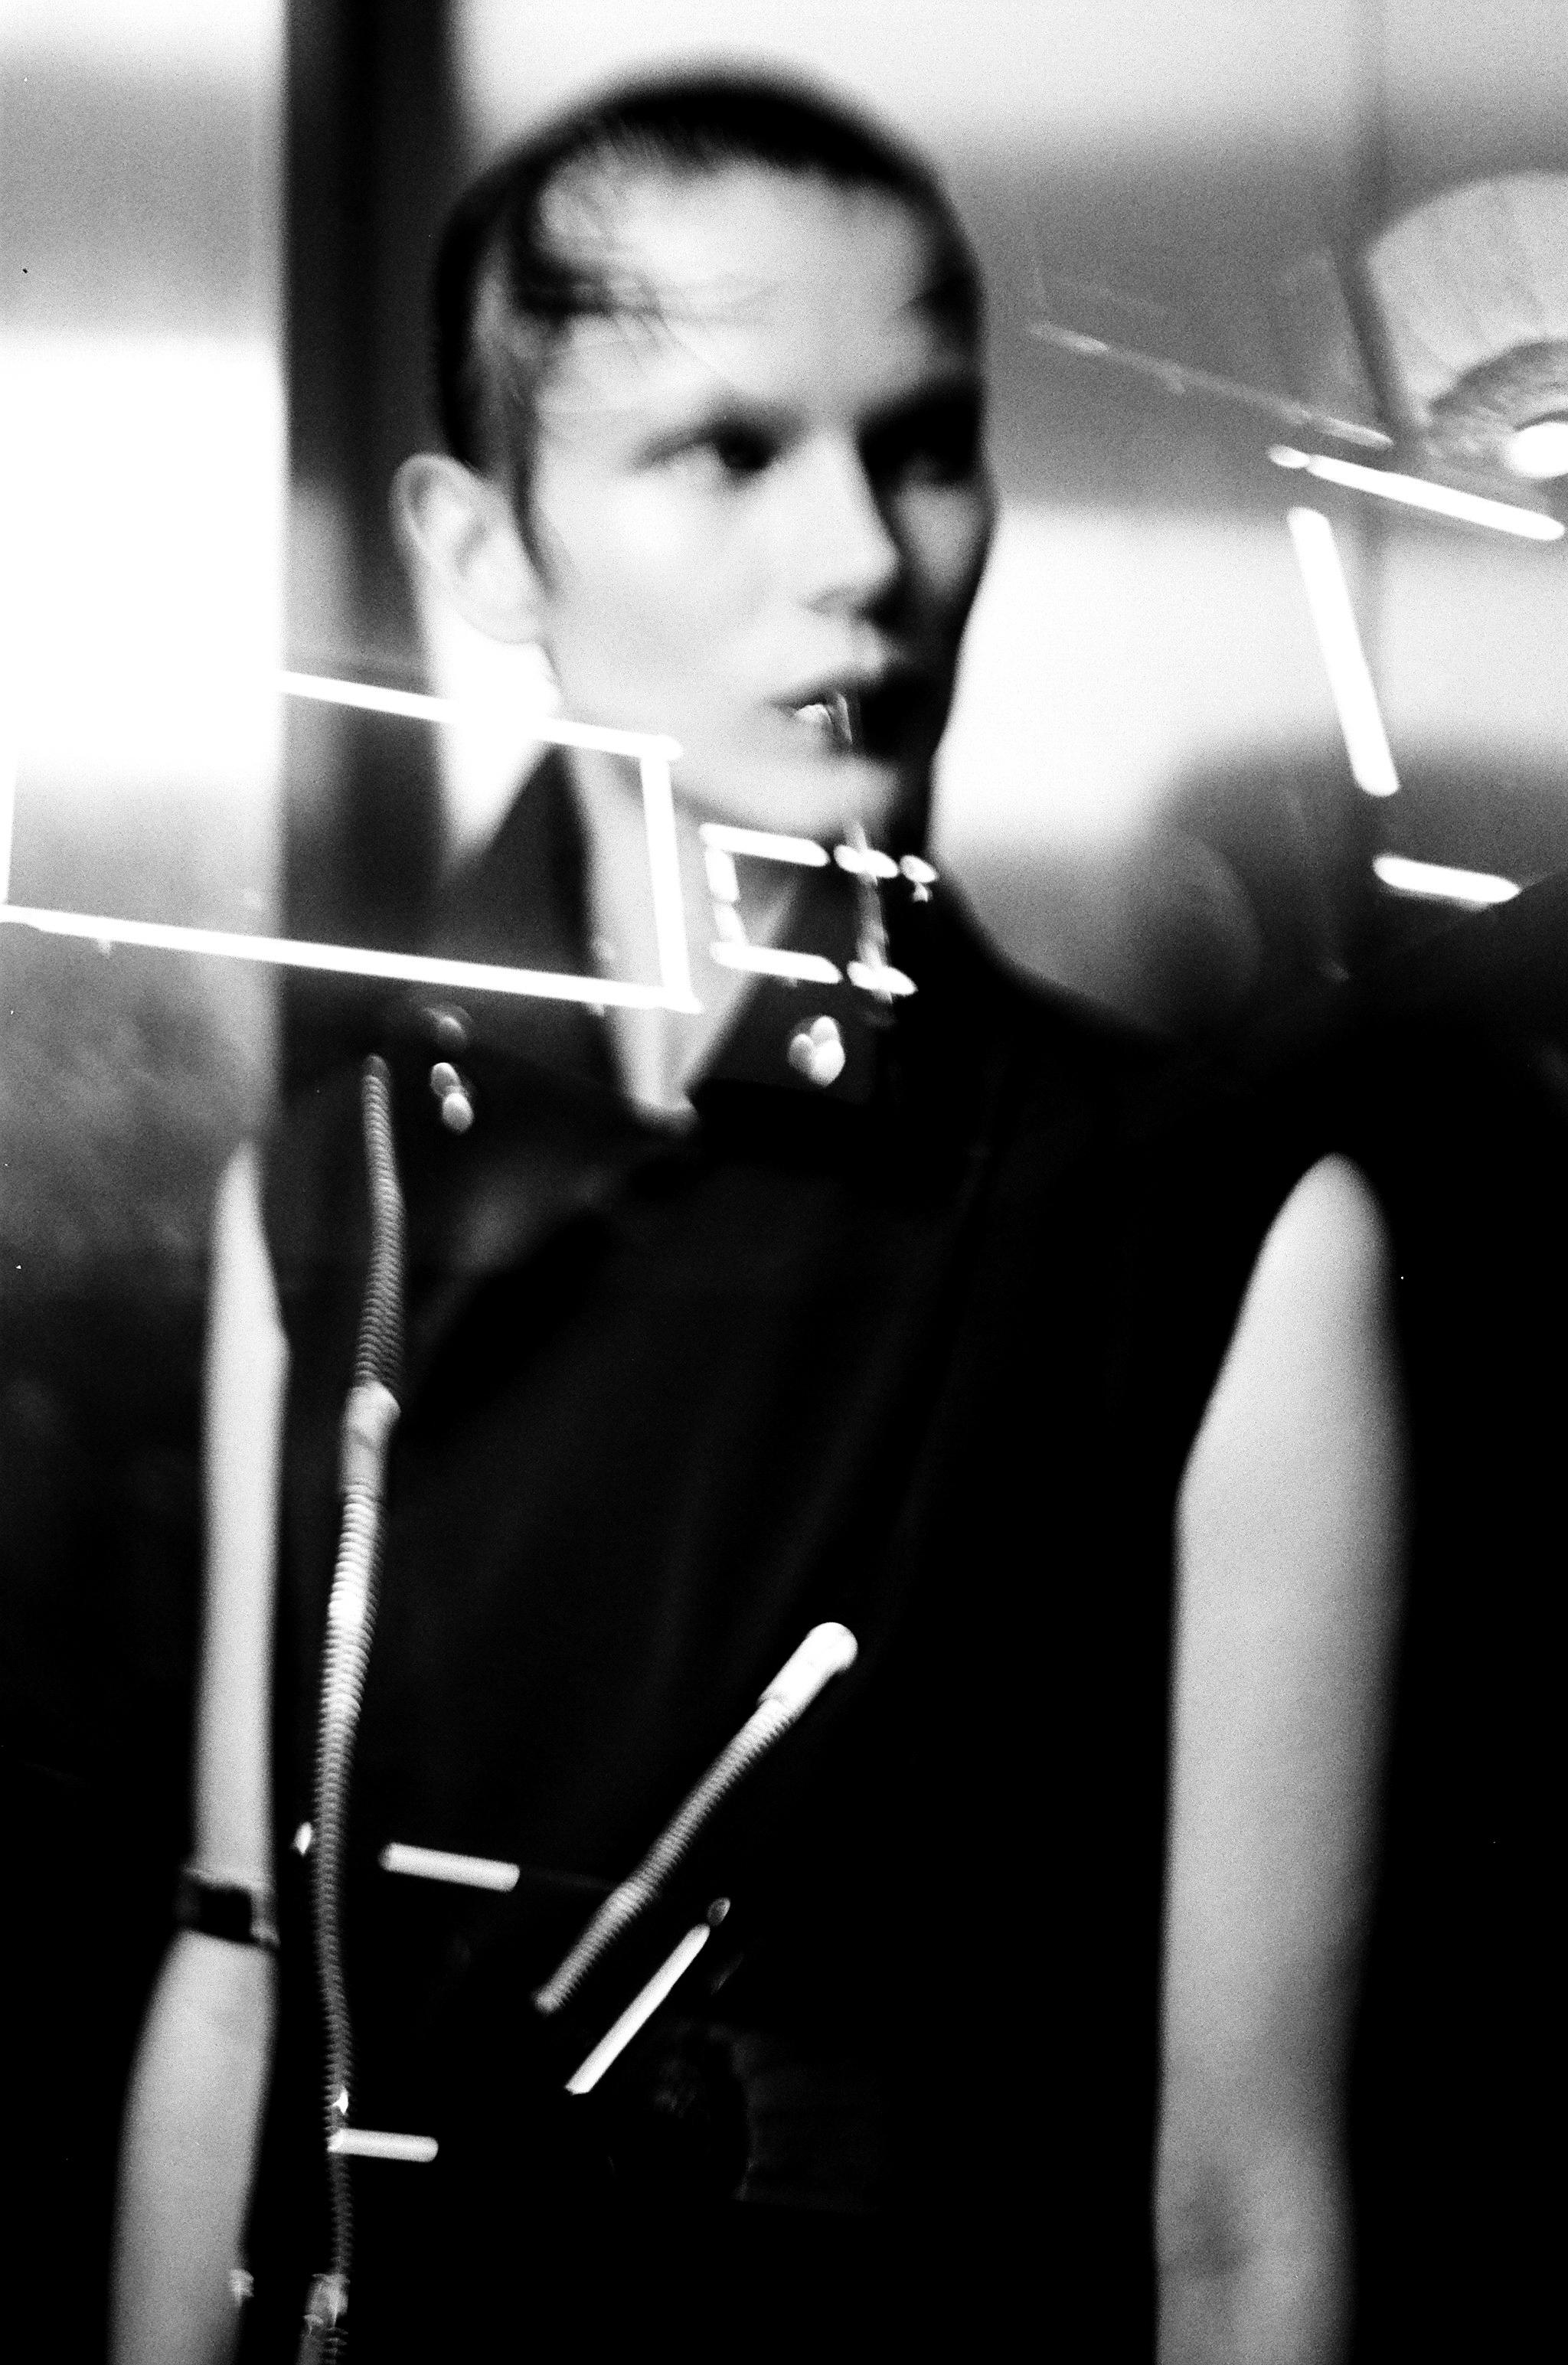 Detlef_Honigstein_Yang Li_ HOnigschreck (24).JPG